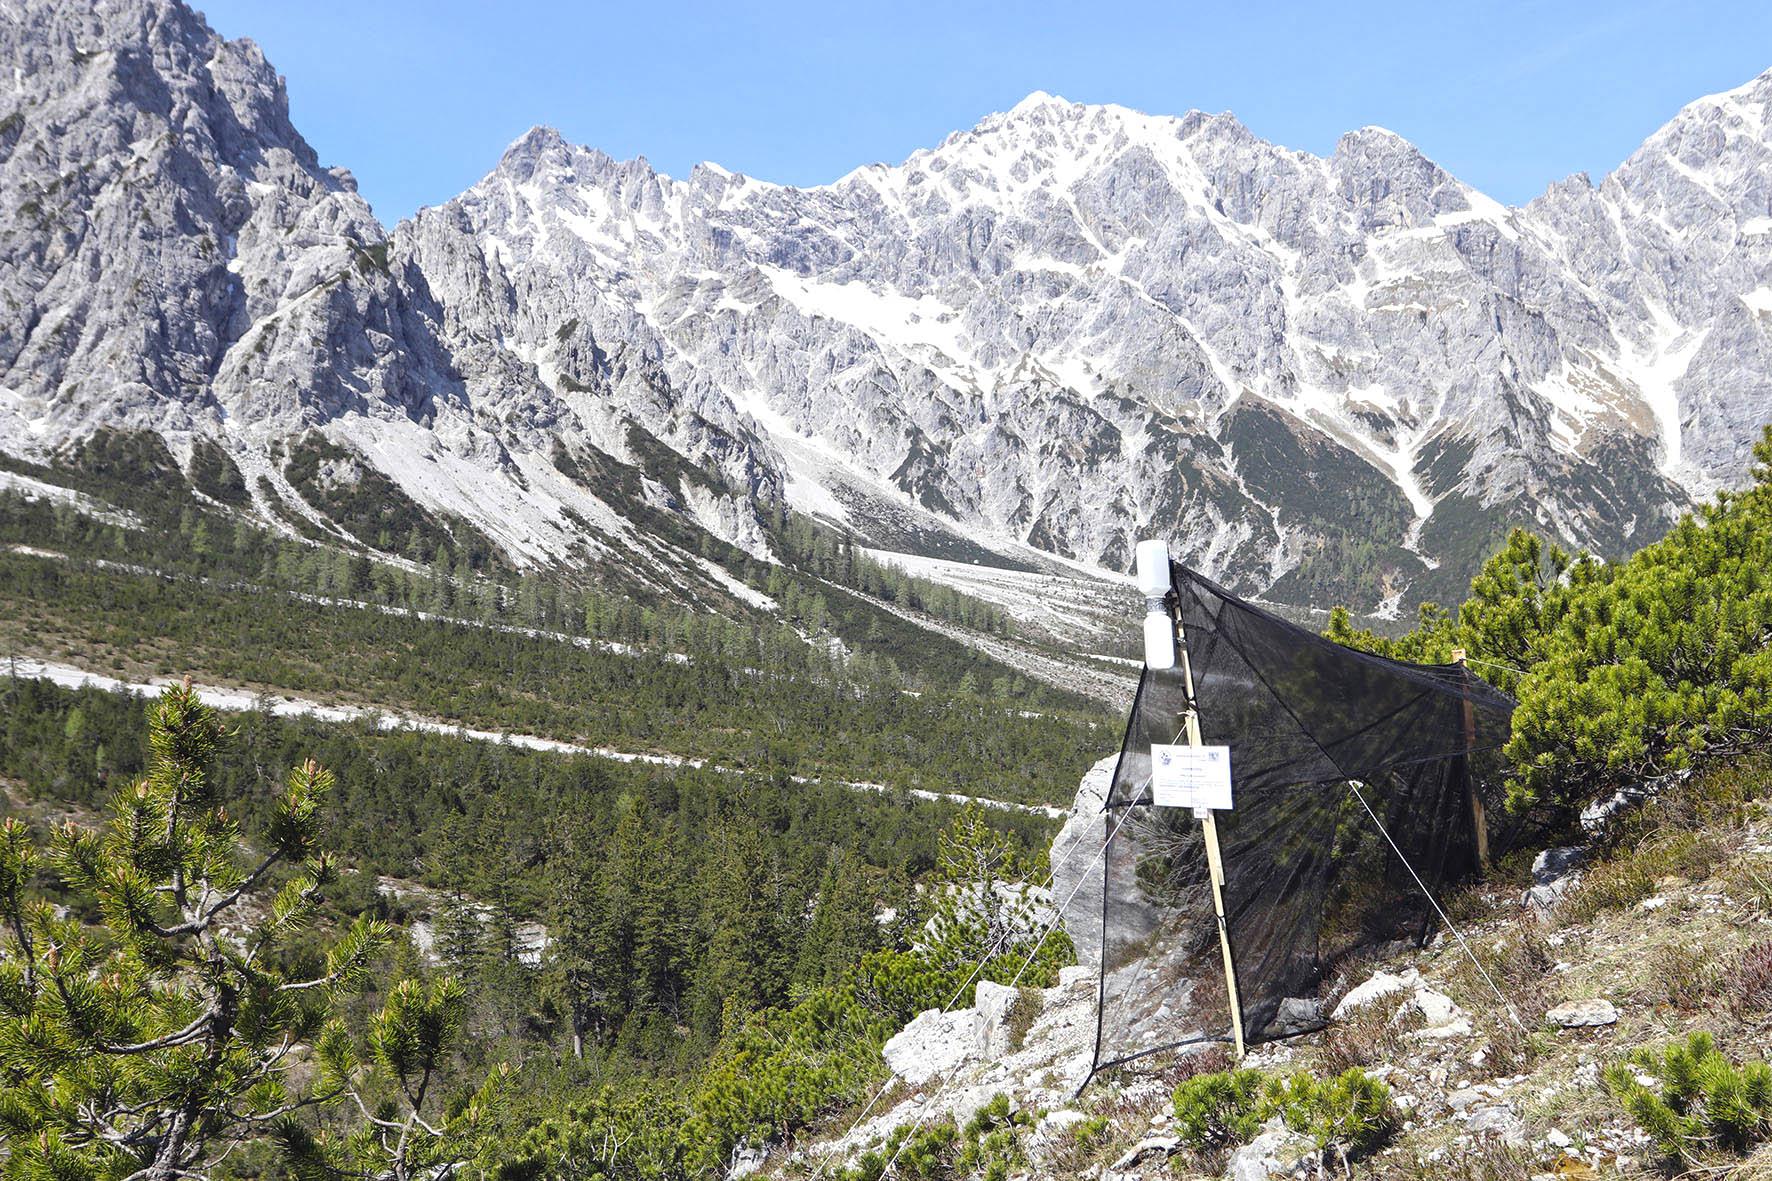 Pressebild: Forscher erheben derzeit auf 215 ausgew��hlten Fl��chen die Biodiversit��t des Nationalparks Berchtesgaden. So genannte ��Malaise-Fallen�� dienen der Erfassung der Insektenvielfalt.